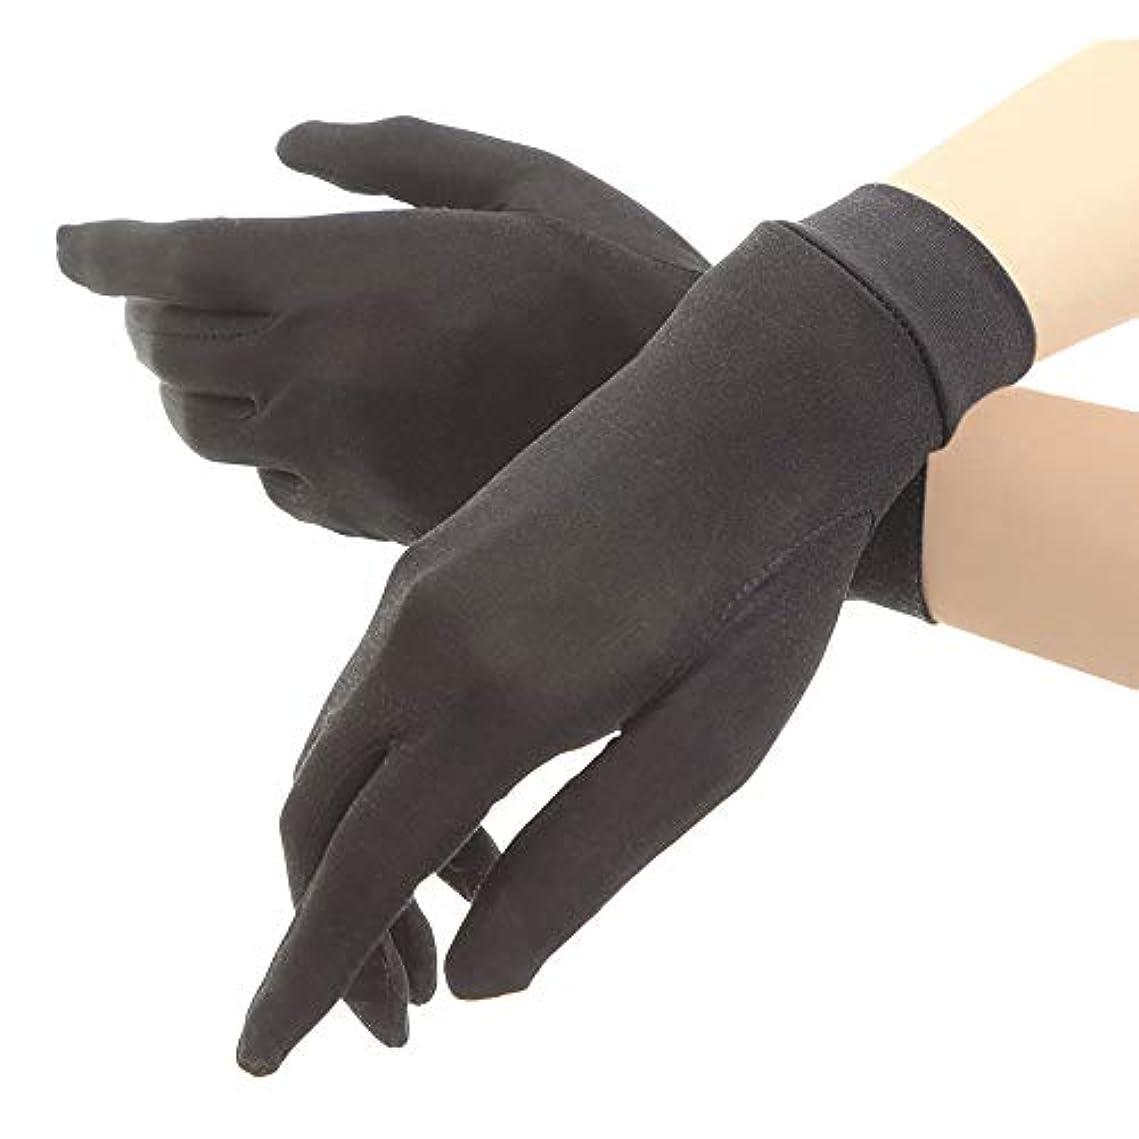 メキシコ鑑定突然シルク手袋 レディース 手袋 シルク 絹 ハンド ケア 保湿 紫外線 肌荒れ 乾燥 サイズアップで手指にマッチ 【macch】